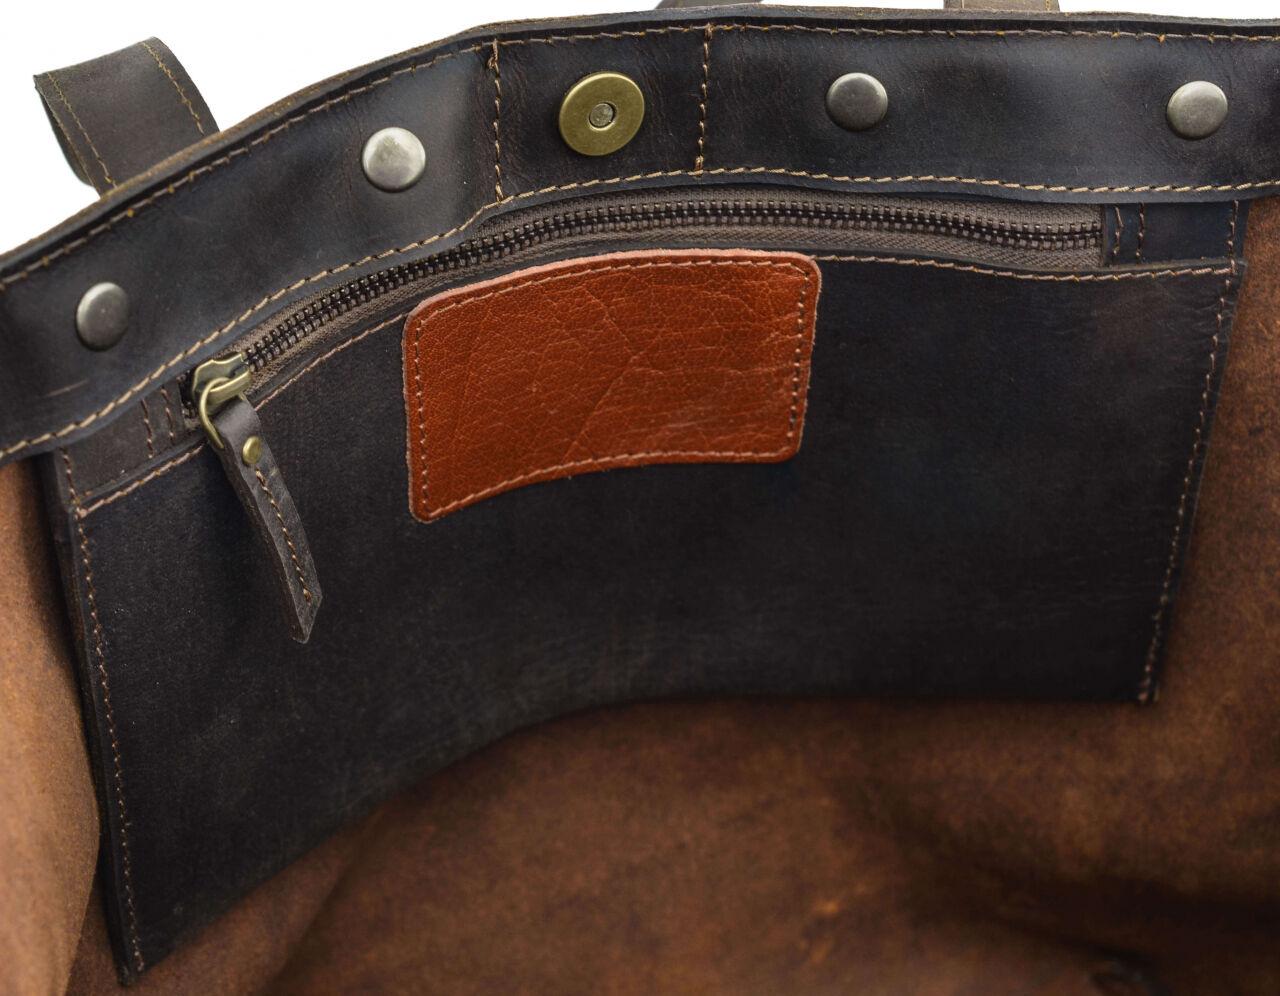 Outlet Umhängetasche - kleinere Lederfehler - Altes Logo – Klebereste - ansonsten neu - siehe Vide